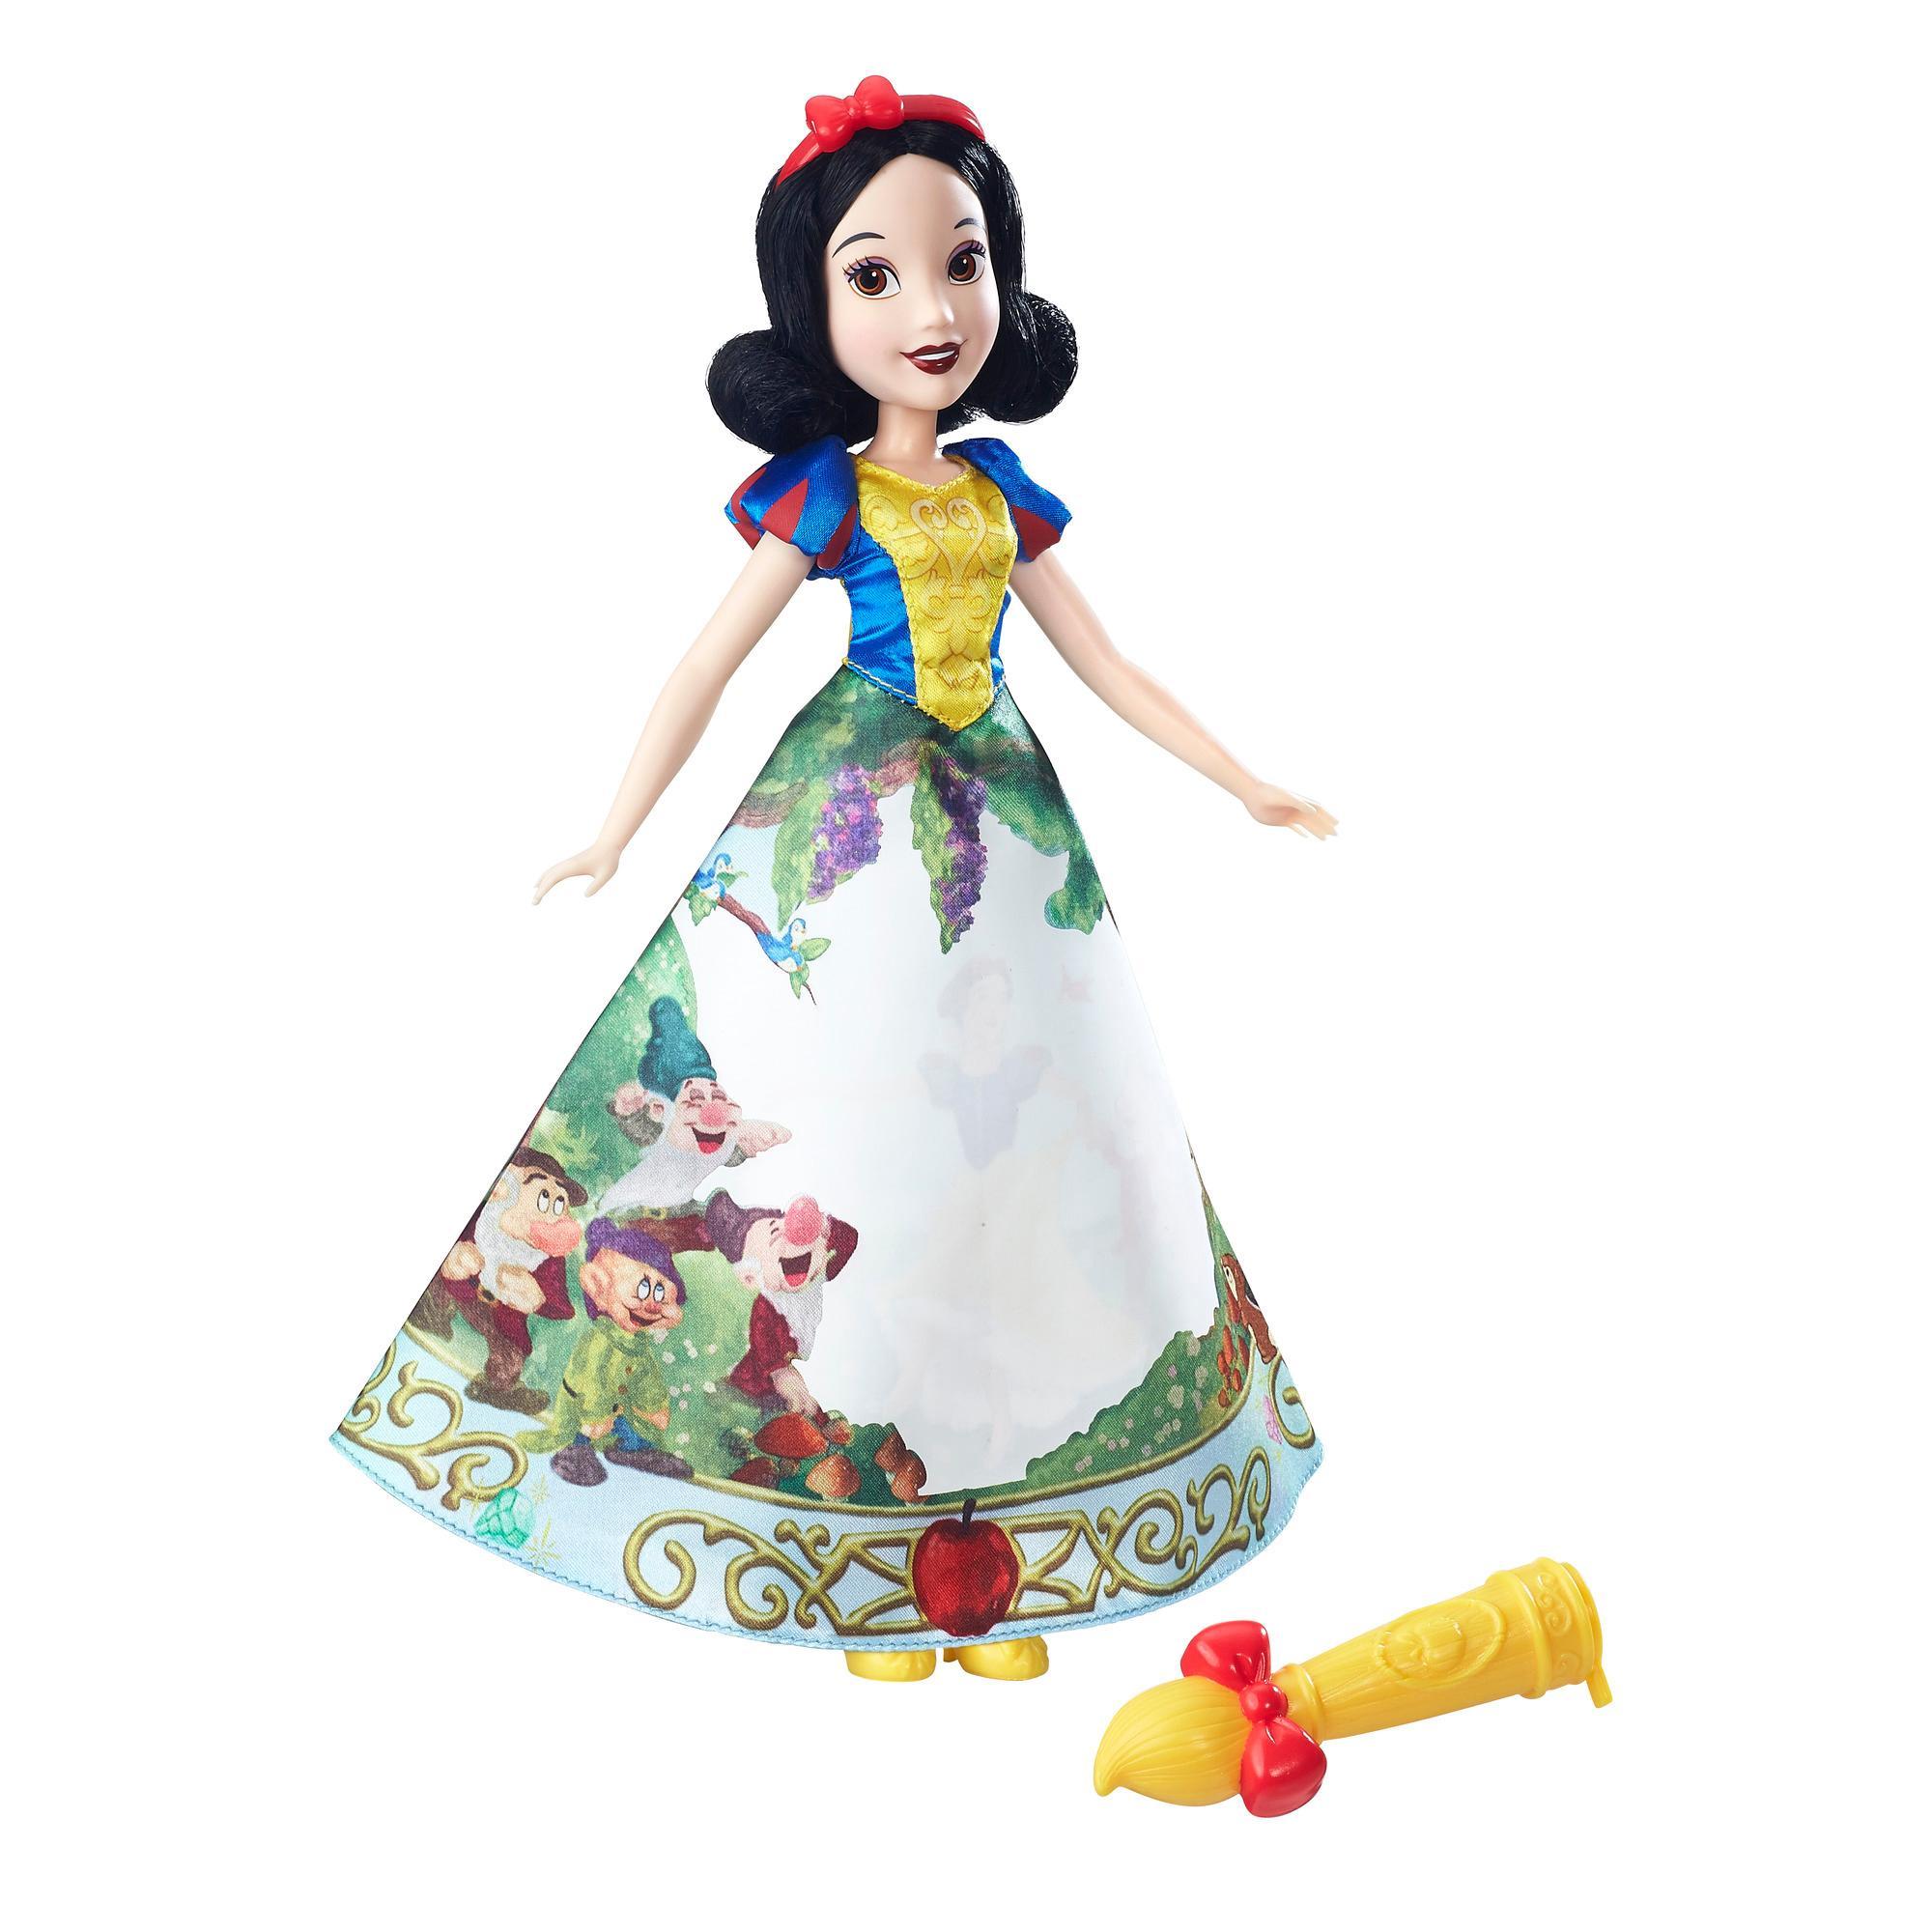 Disney Princess Toys : Amazon disney princess snow white s magical story